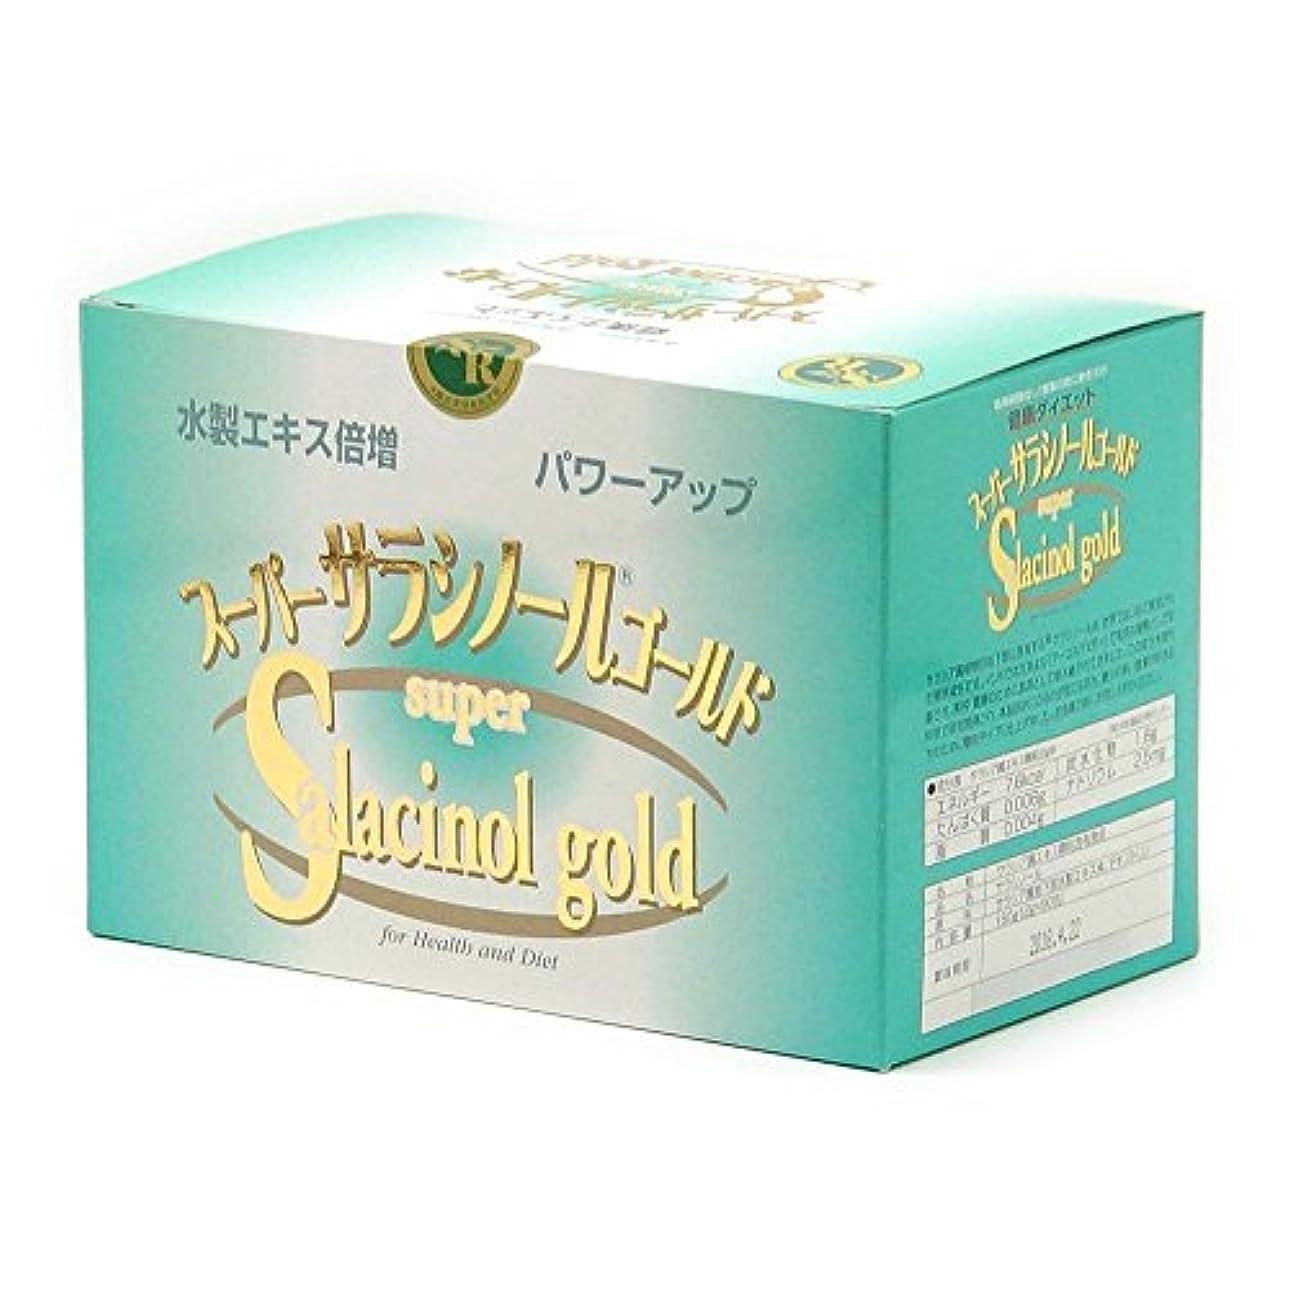 あえてストレスの多い復讐スーパーサラシノールゴールド 2g×90包×3箱セット